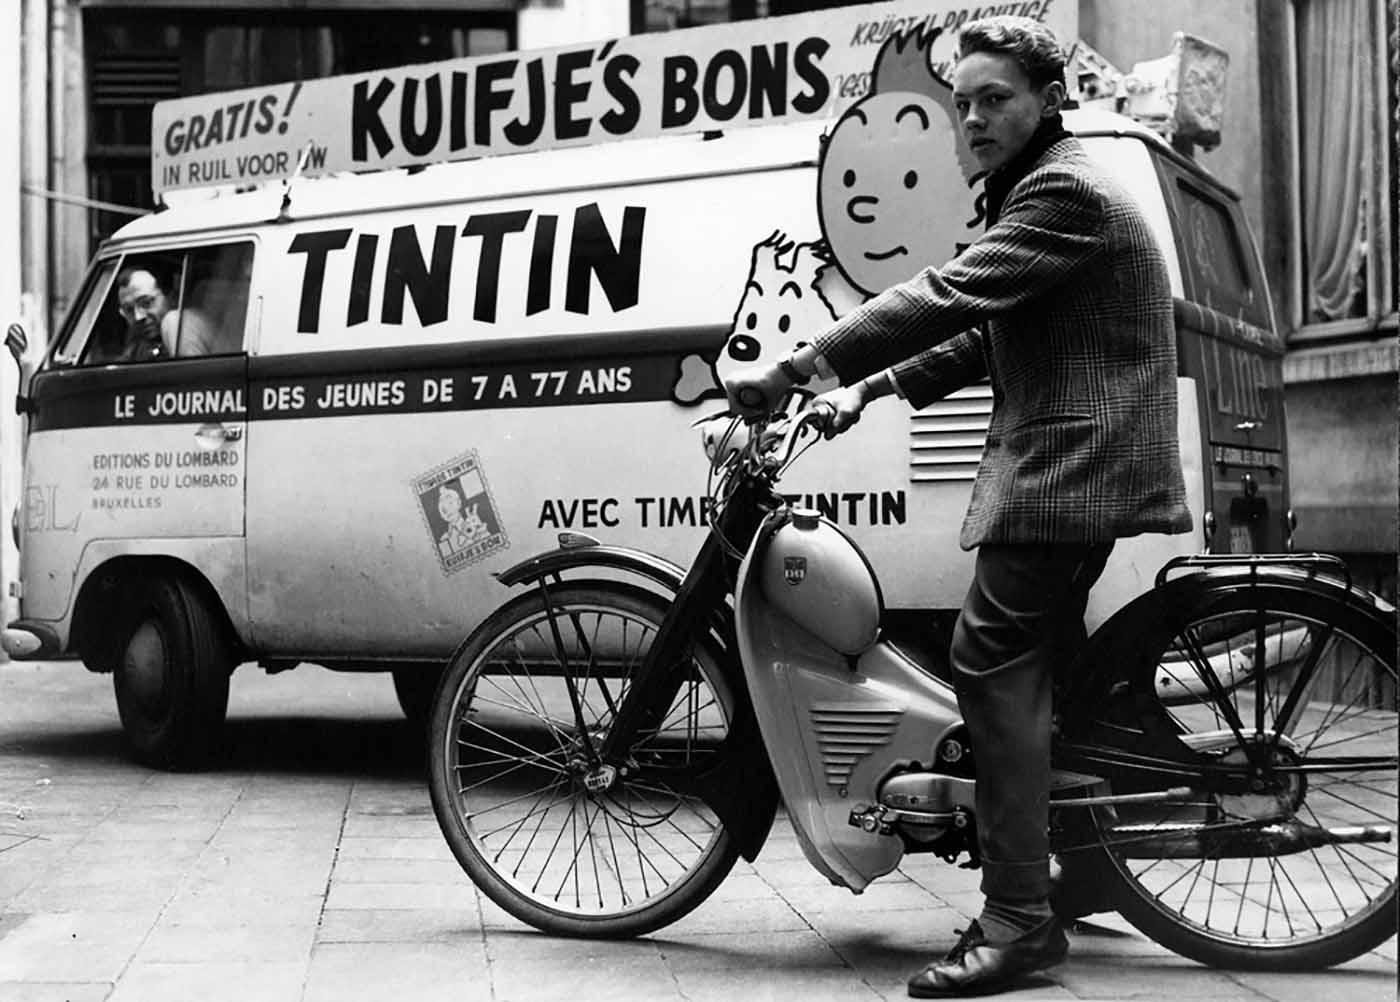 Camion publicitaire pour le Journal Tintin